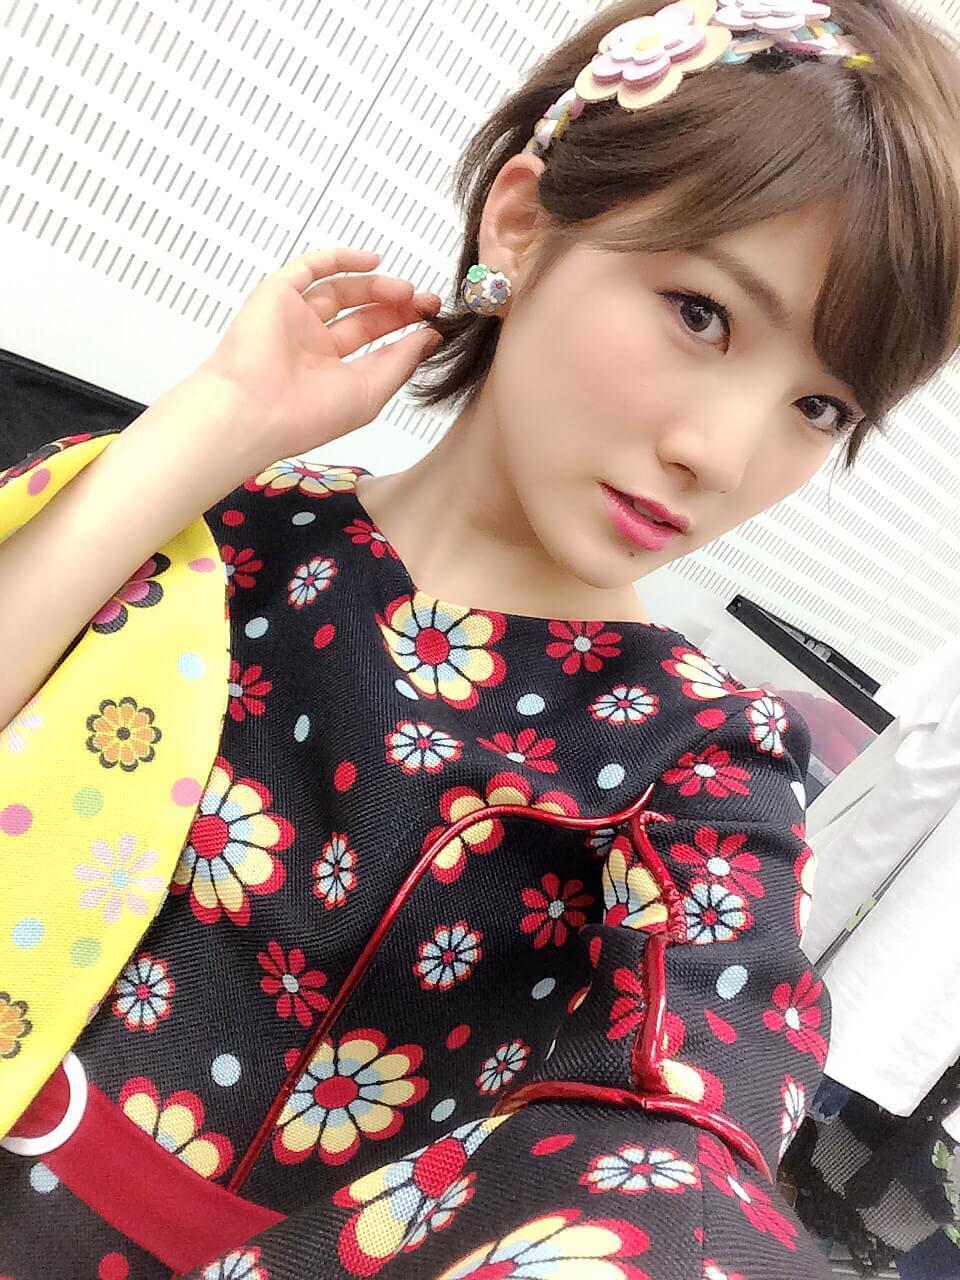 和服衣装の岡田奈々